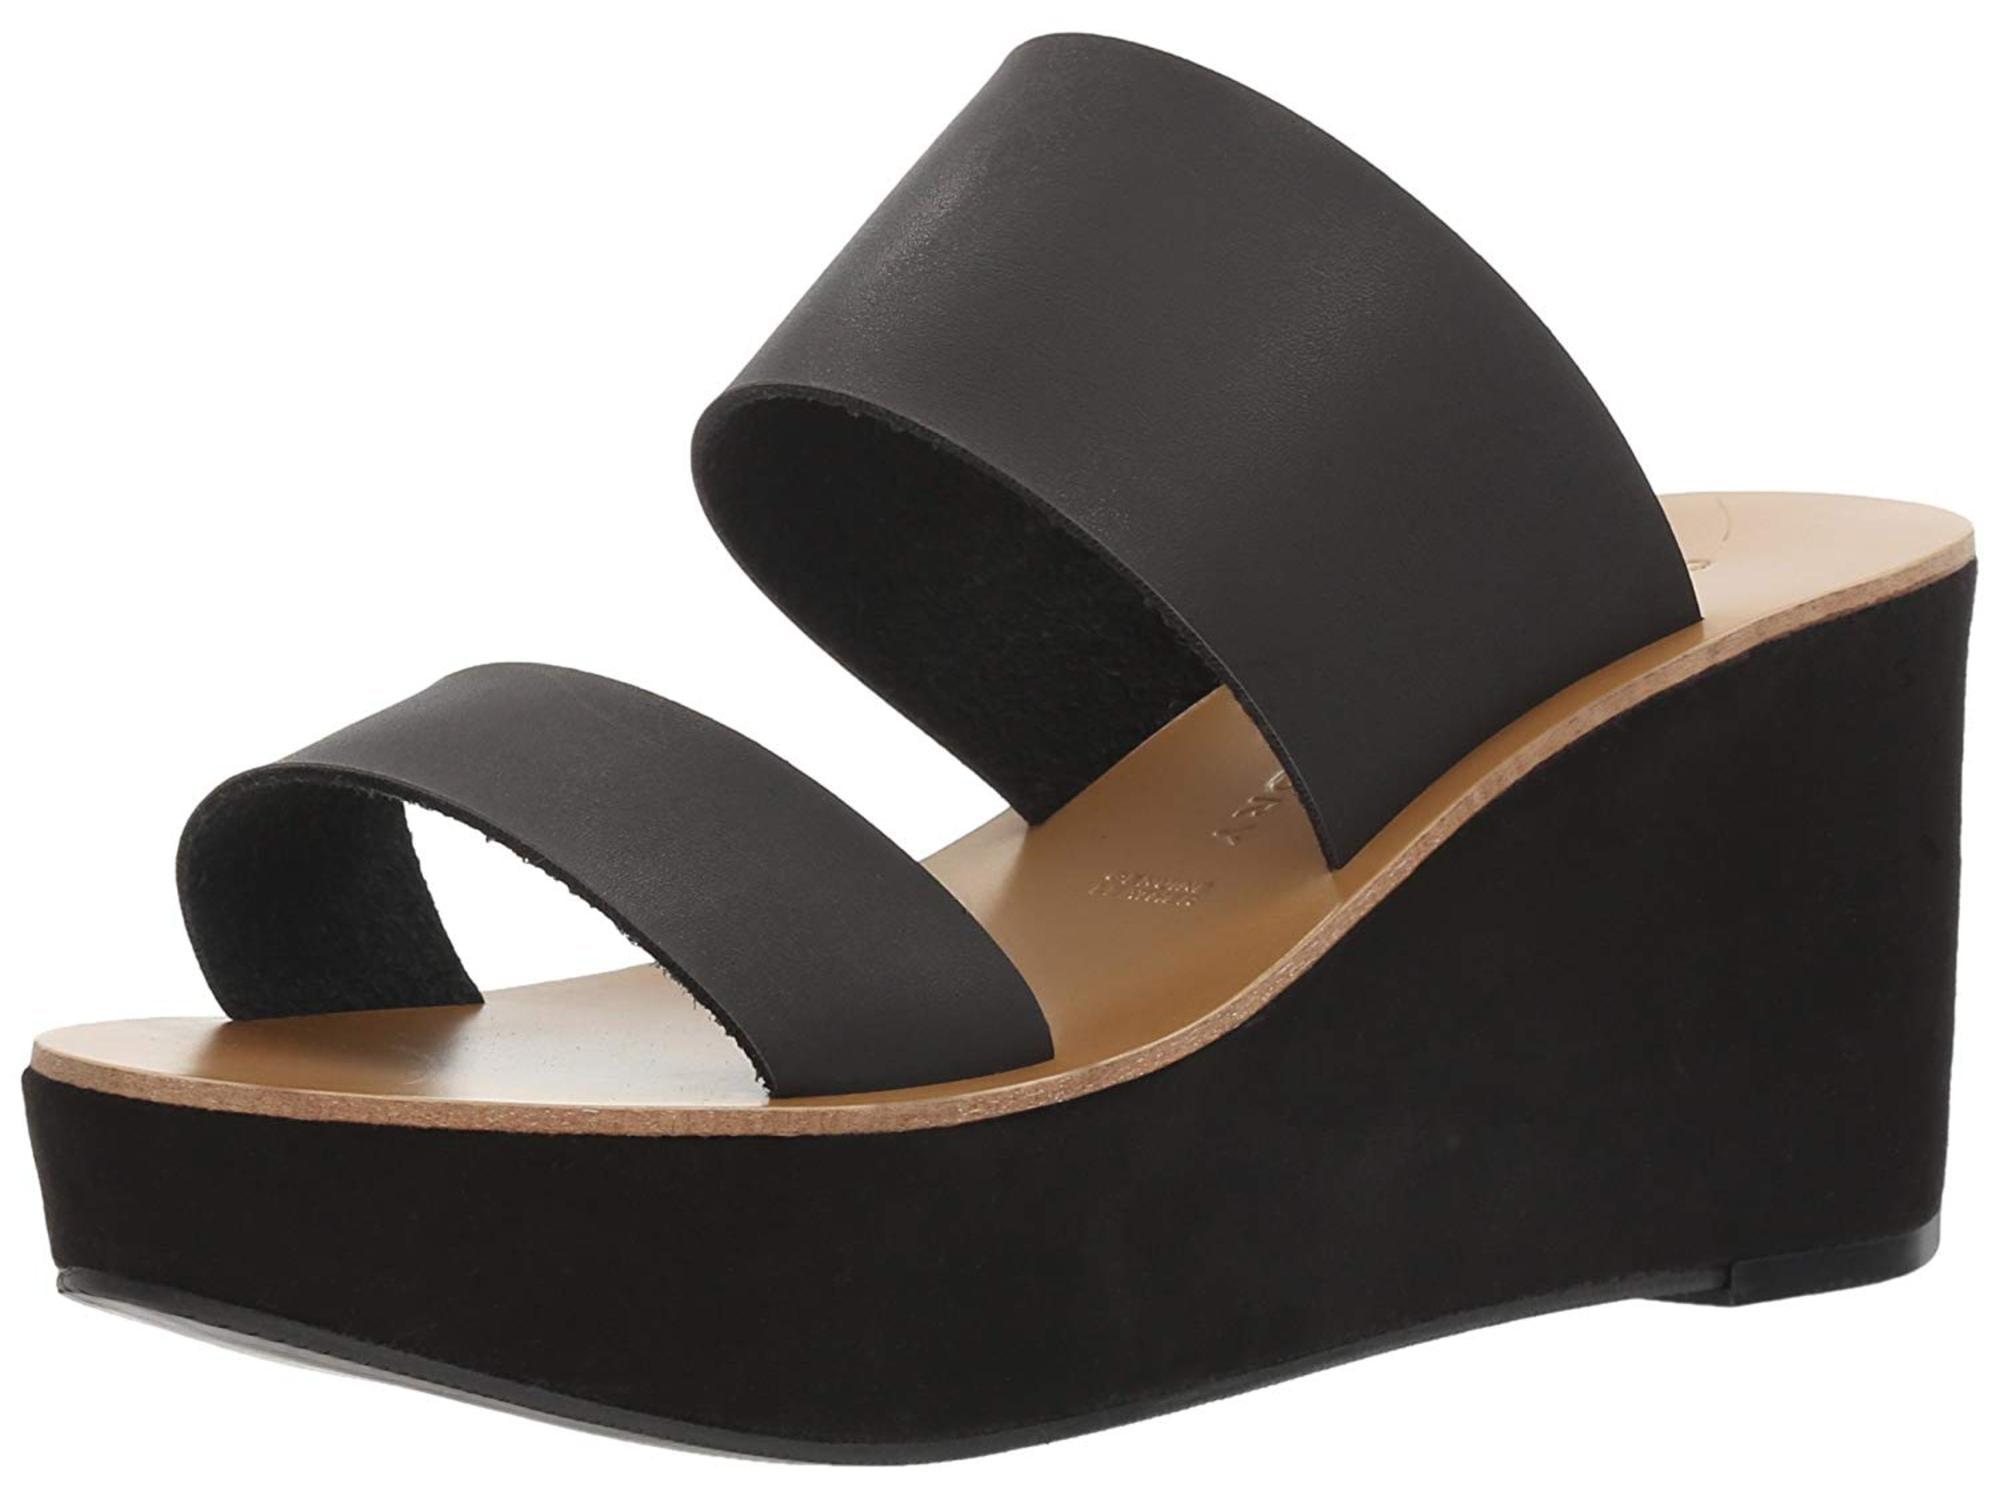 eb411e405ed Chinese Laundry Women s Ollie Wedge Slide Sandal